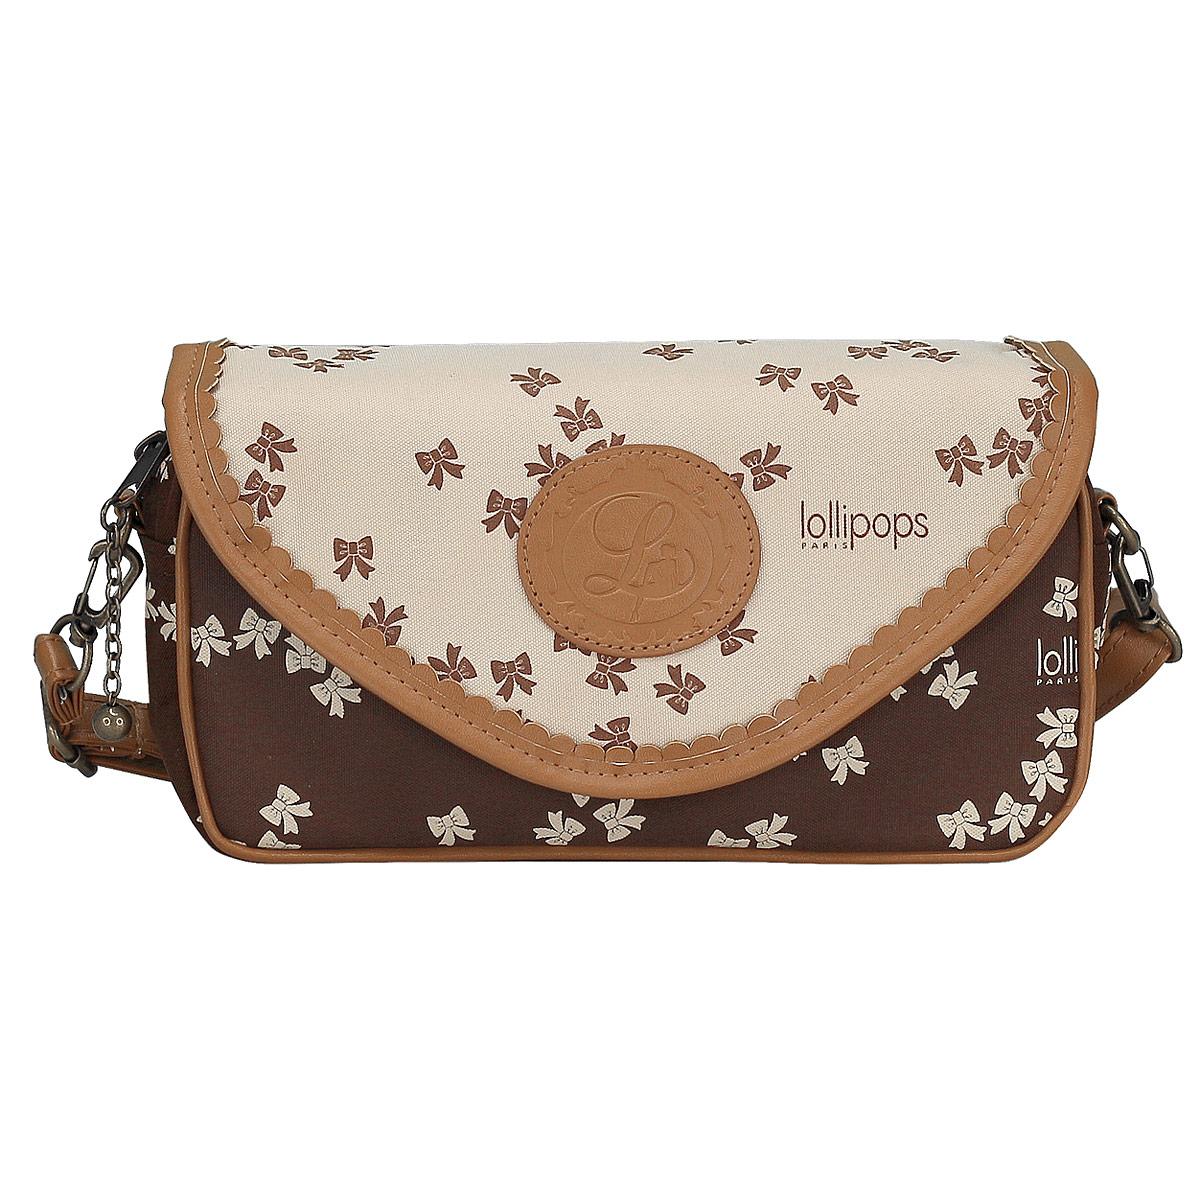 Сумка женская Lollipops, цвет: коричневый, бежевый. LLAB-RT1-560772523WDМини-сумочки остаются одним из самых актуальных трендов, они безупречно дополняют повседневные, вечерние и деловые наряды. Молодежная сумка-клатч - идеальная вещь, чтобы держать все самое важное под рукой и оставаться элегантной. Женская мини-сумочка Lollipops состоит из одного отделения на молнии и дополнительно закрывается клапаном на магнитном замке. Отделка выполнена качественной подкладочной тканью. Лаконичная и компактная форма сумочки делает ее незаменимой деталью вашего образа. В комплект входит регулирующаяся по длине лямка. В отделке изделия гармонично сочетается практичность и изящество, что делает сумку оригинальным аксессуаром. Размеры: 24 х 13 х 6 см.